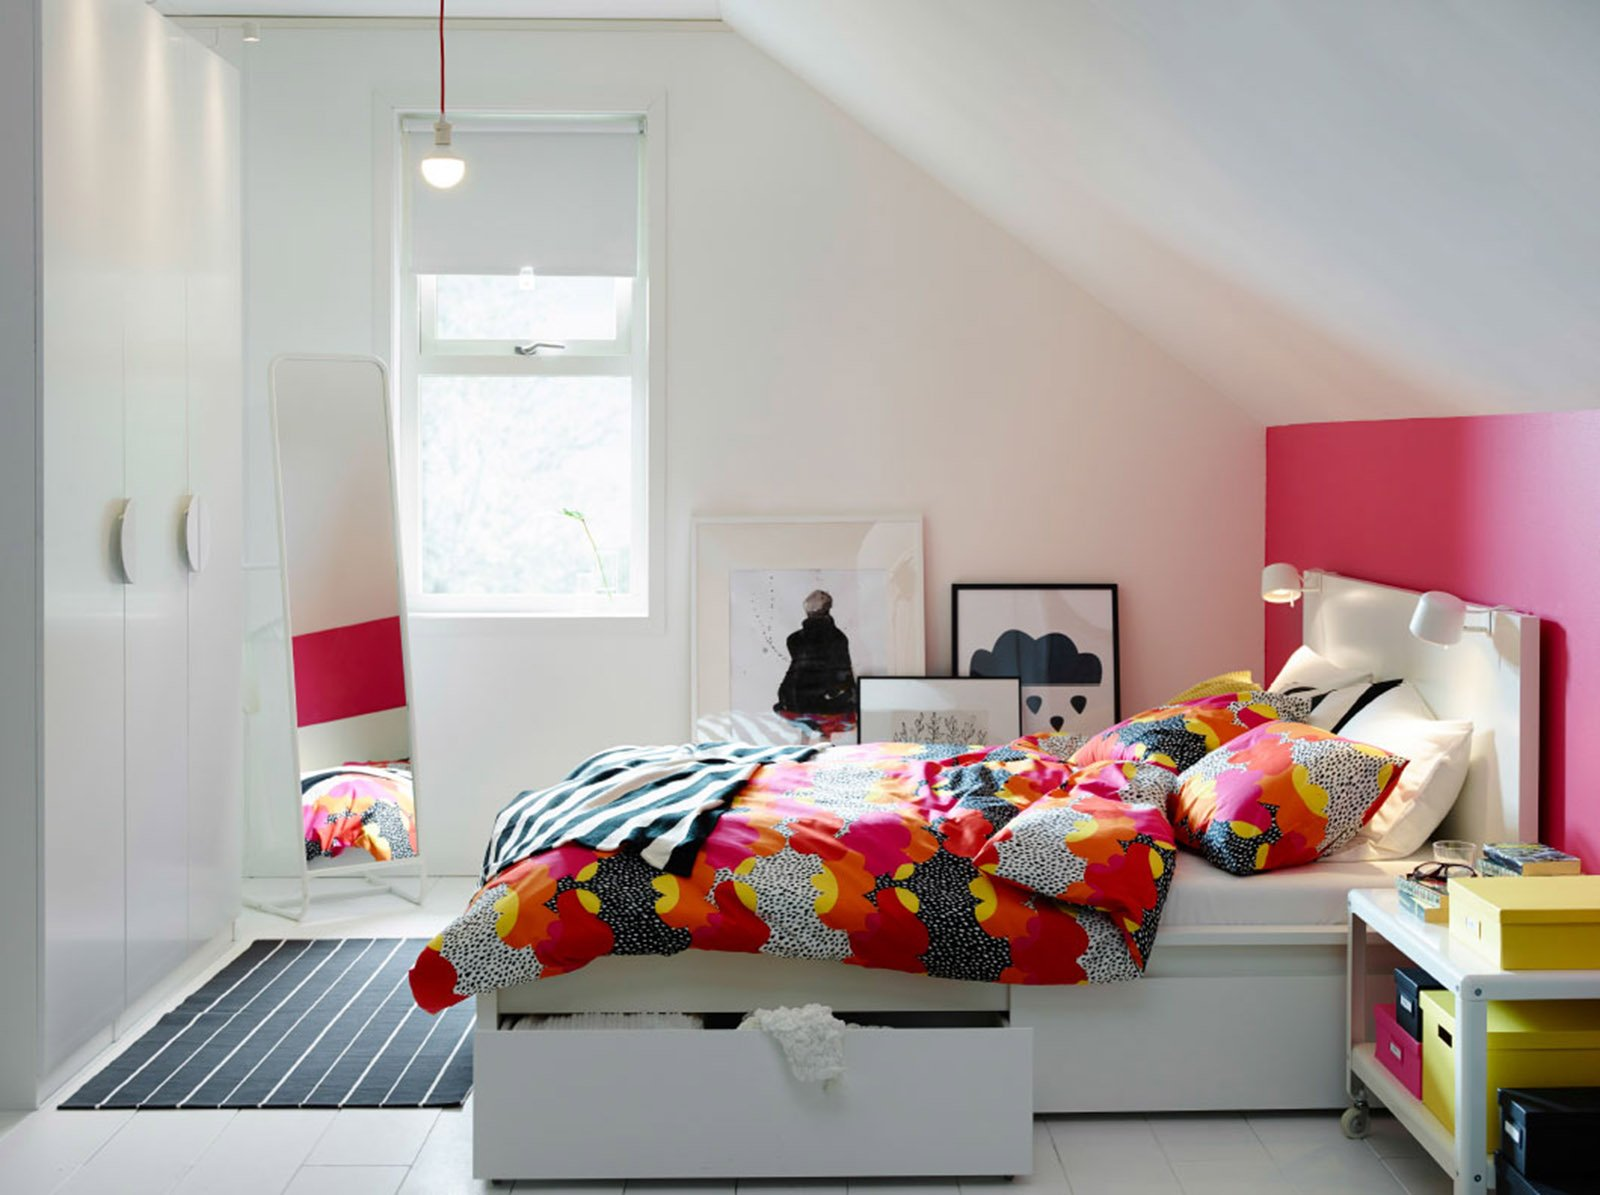 Ambientazione Ikea Con Letto Malm A Cassetti Estraibili Su Rotelle. #83181B 1600 1195 Ikea Tavoli Con Gambe Pieghevoli